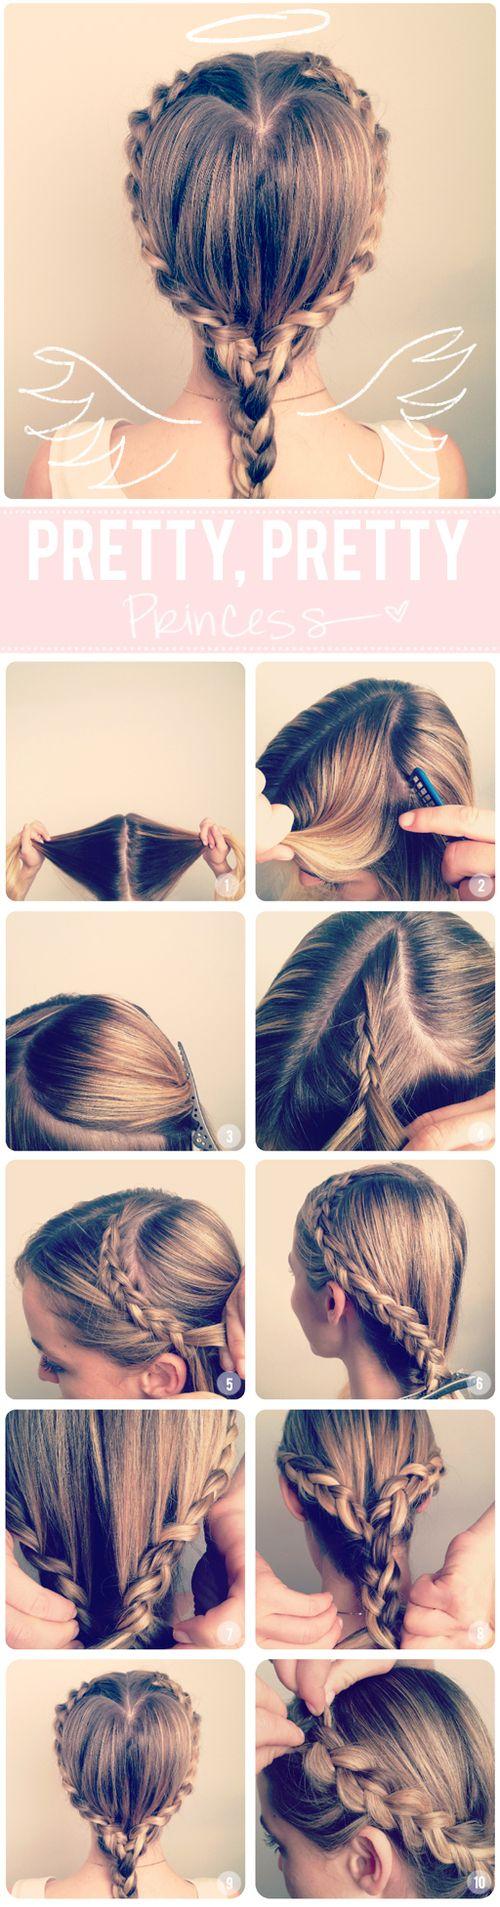 prettyBraids Hairstyles, French Braids, Flower Girls Hair, Heart Braids, Hair Tutorials, Valentine Day, Girls Hairstyles, Hair Style, Hair Trends